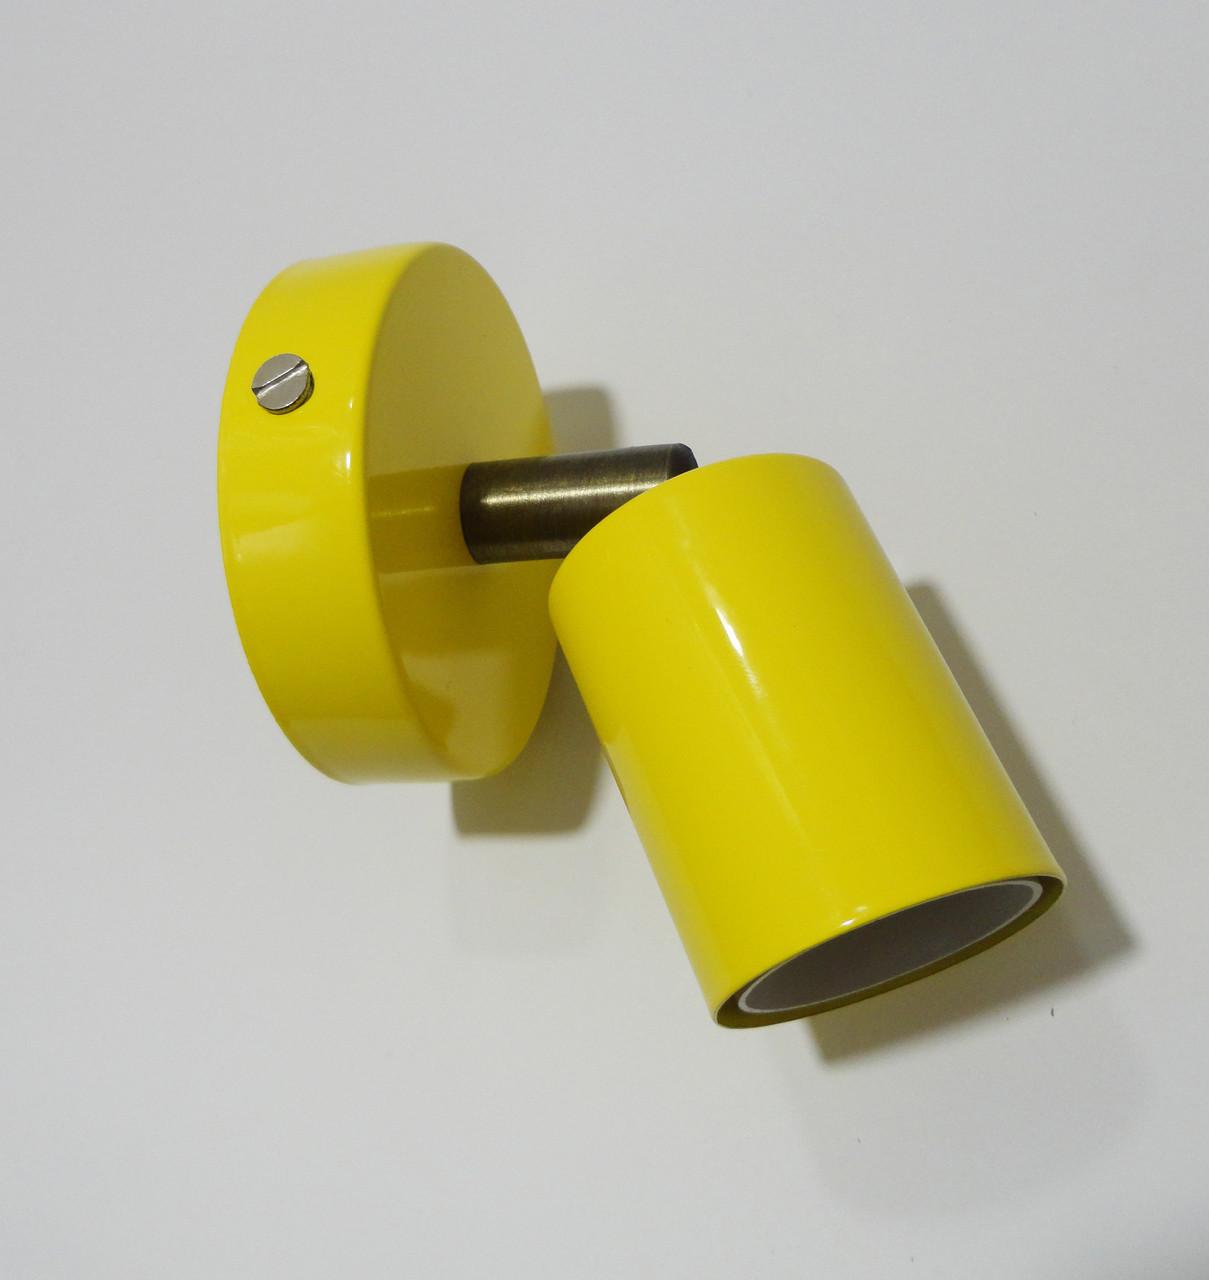 Настенный светильник, спот поворотный, потолочная лампа, на одну лампу, желтый цвет